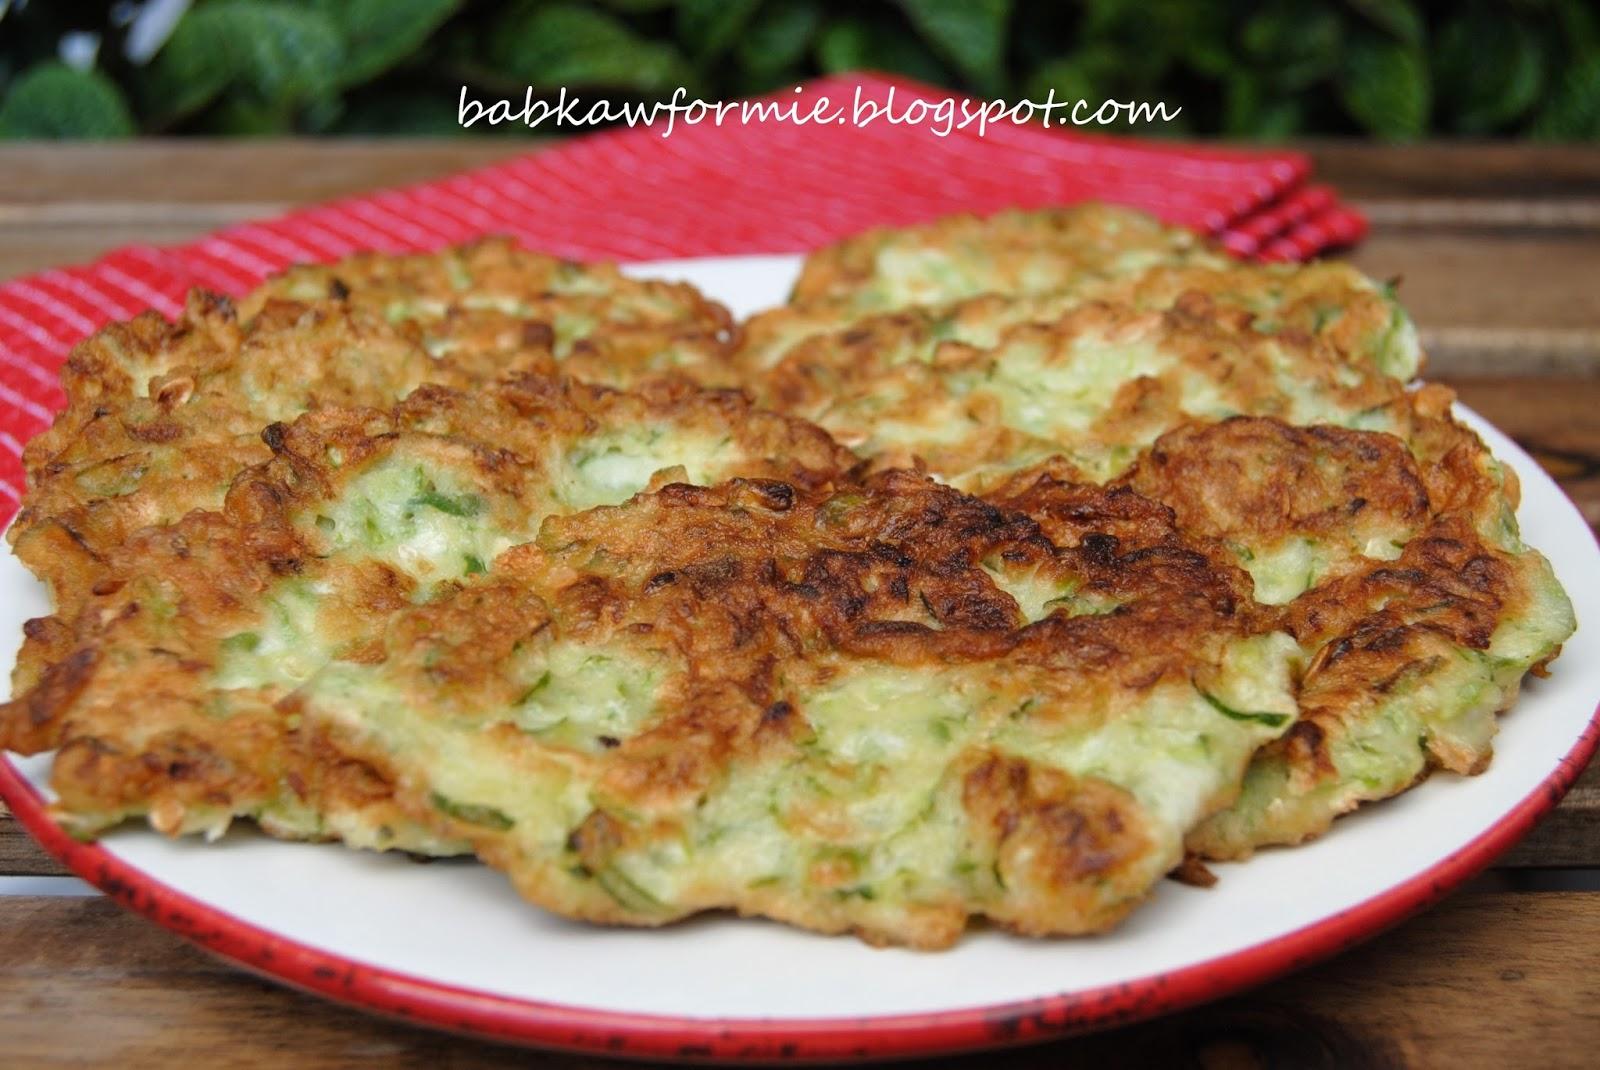 placki z zielonych ogórków babkawformie.blogspot.com